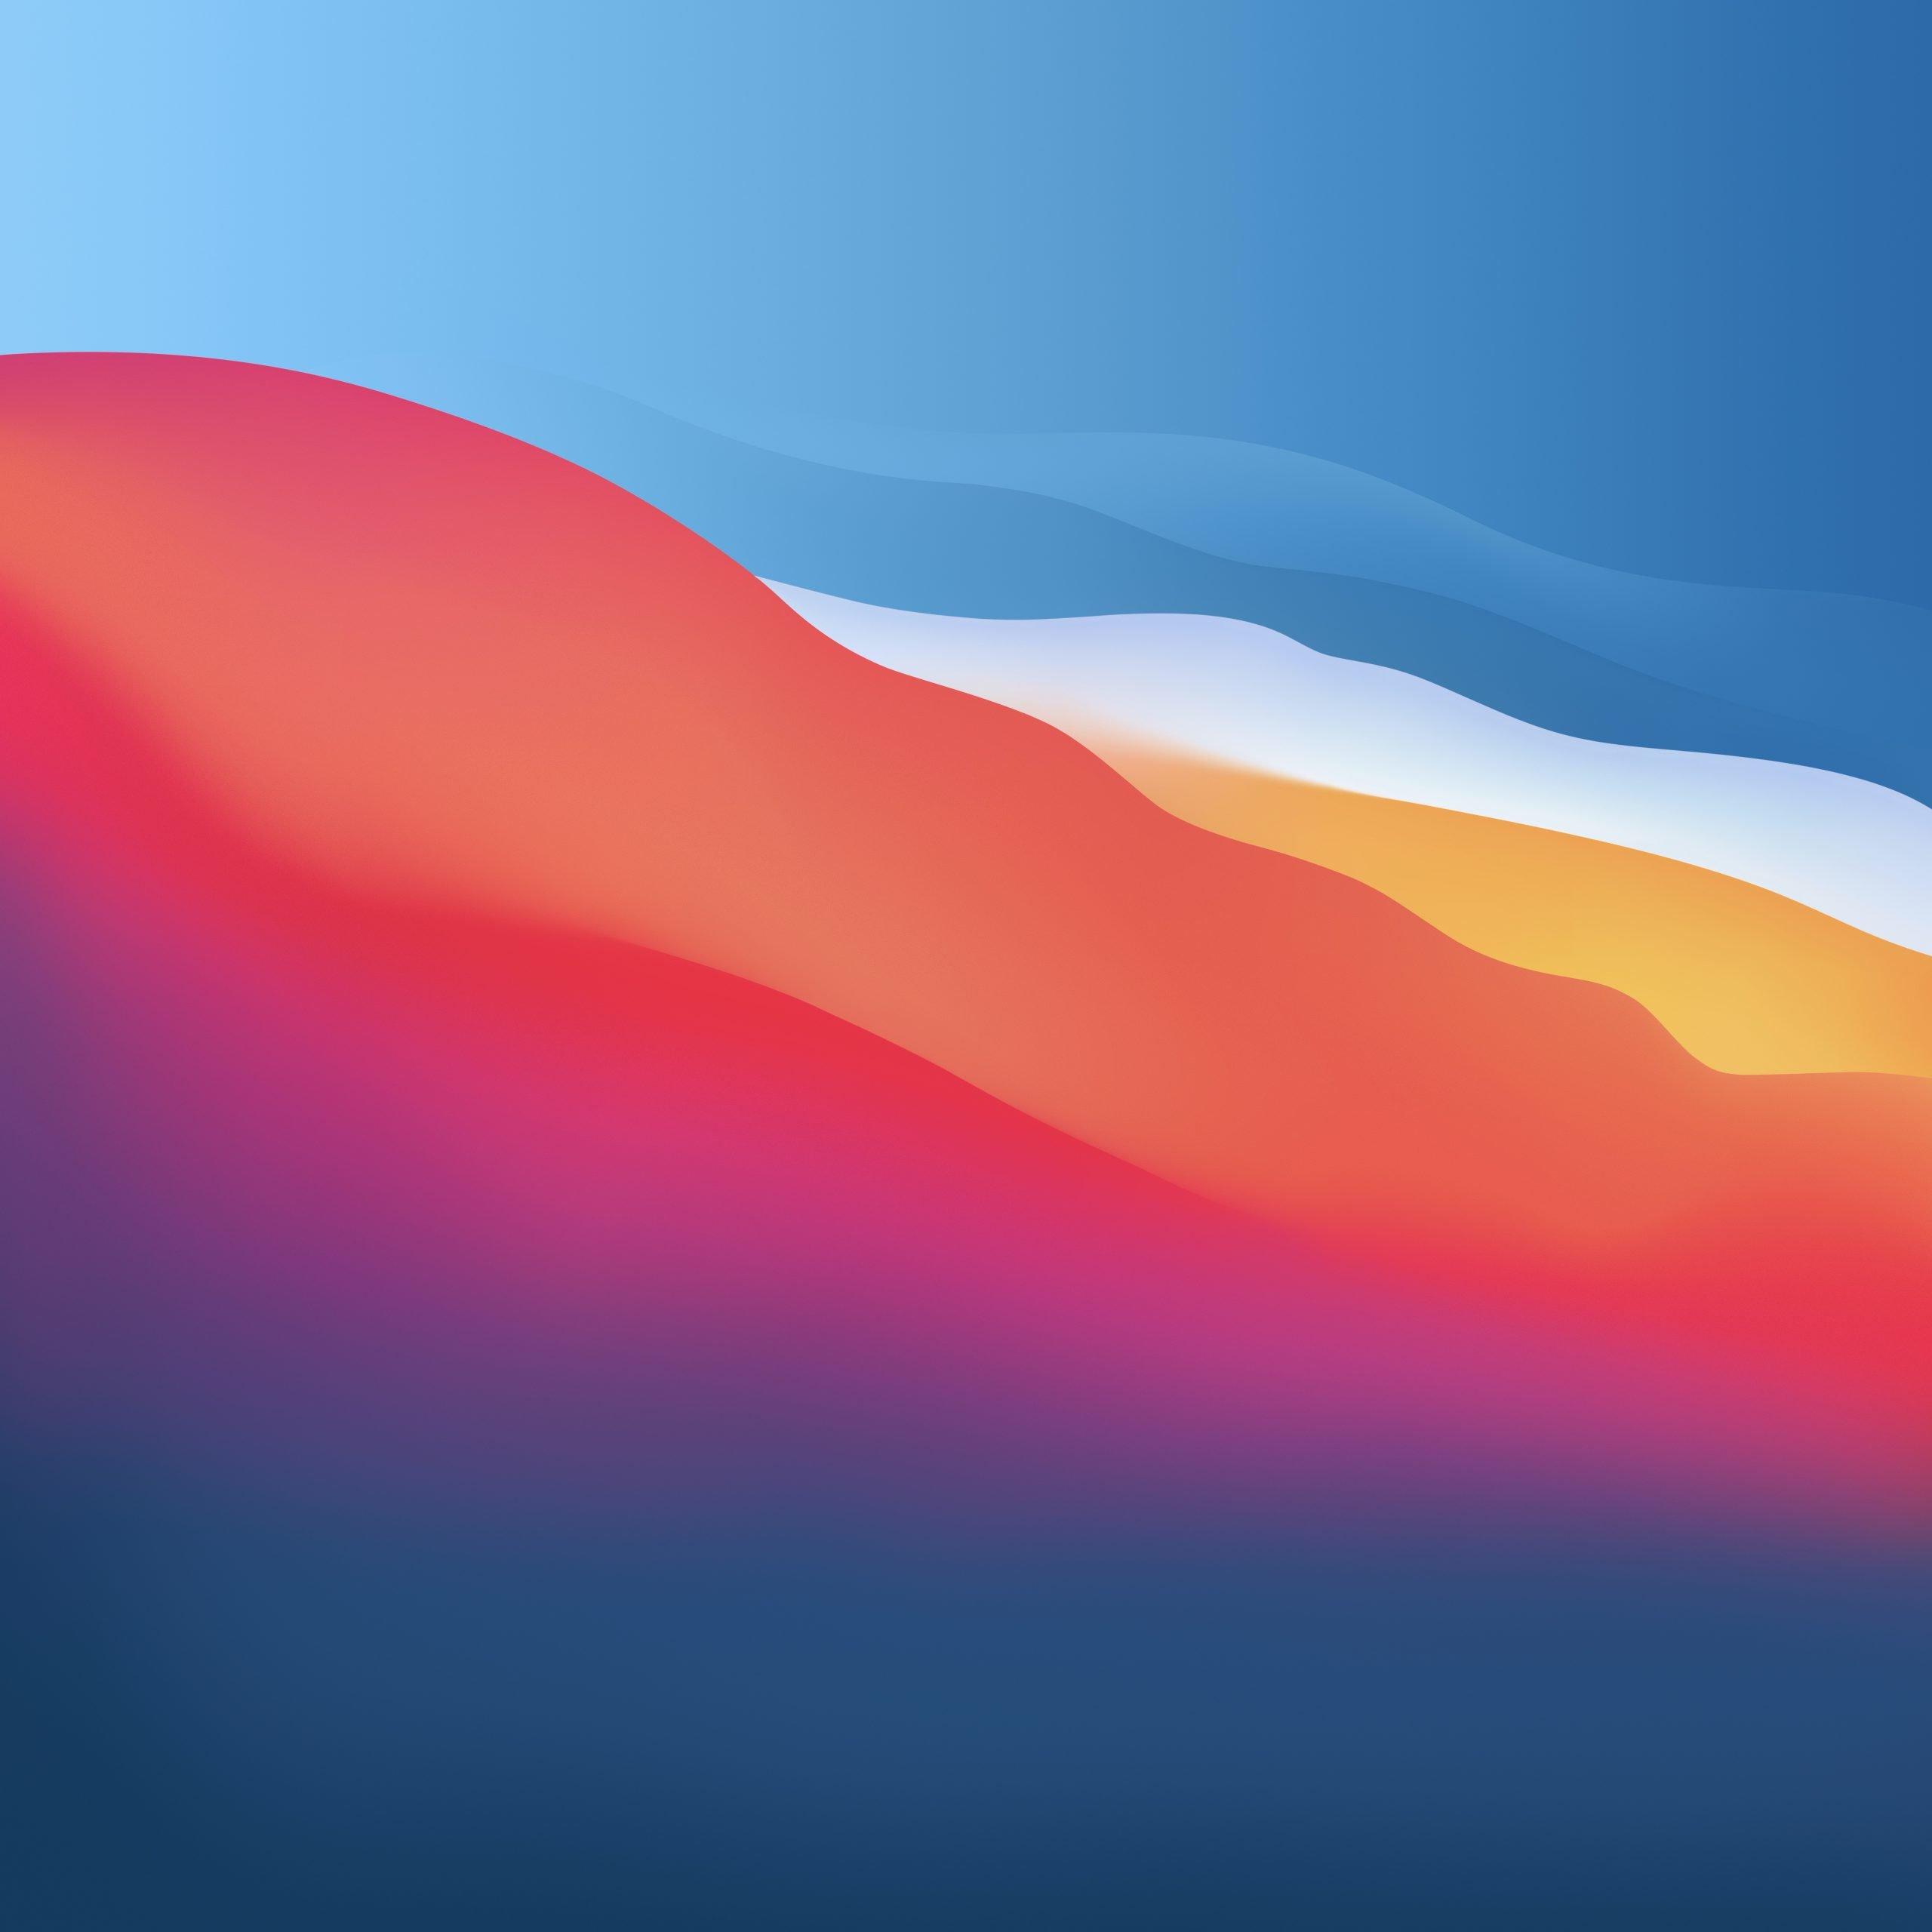 Macos Big Sur Ou Telechargez Les Fonds D Ecran Officiels Pour Mac Iphone Et Ipad